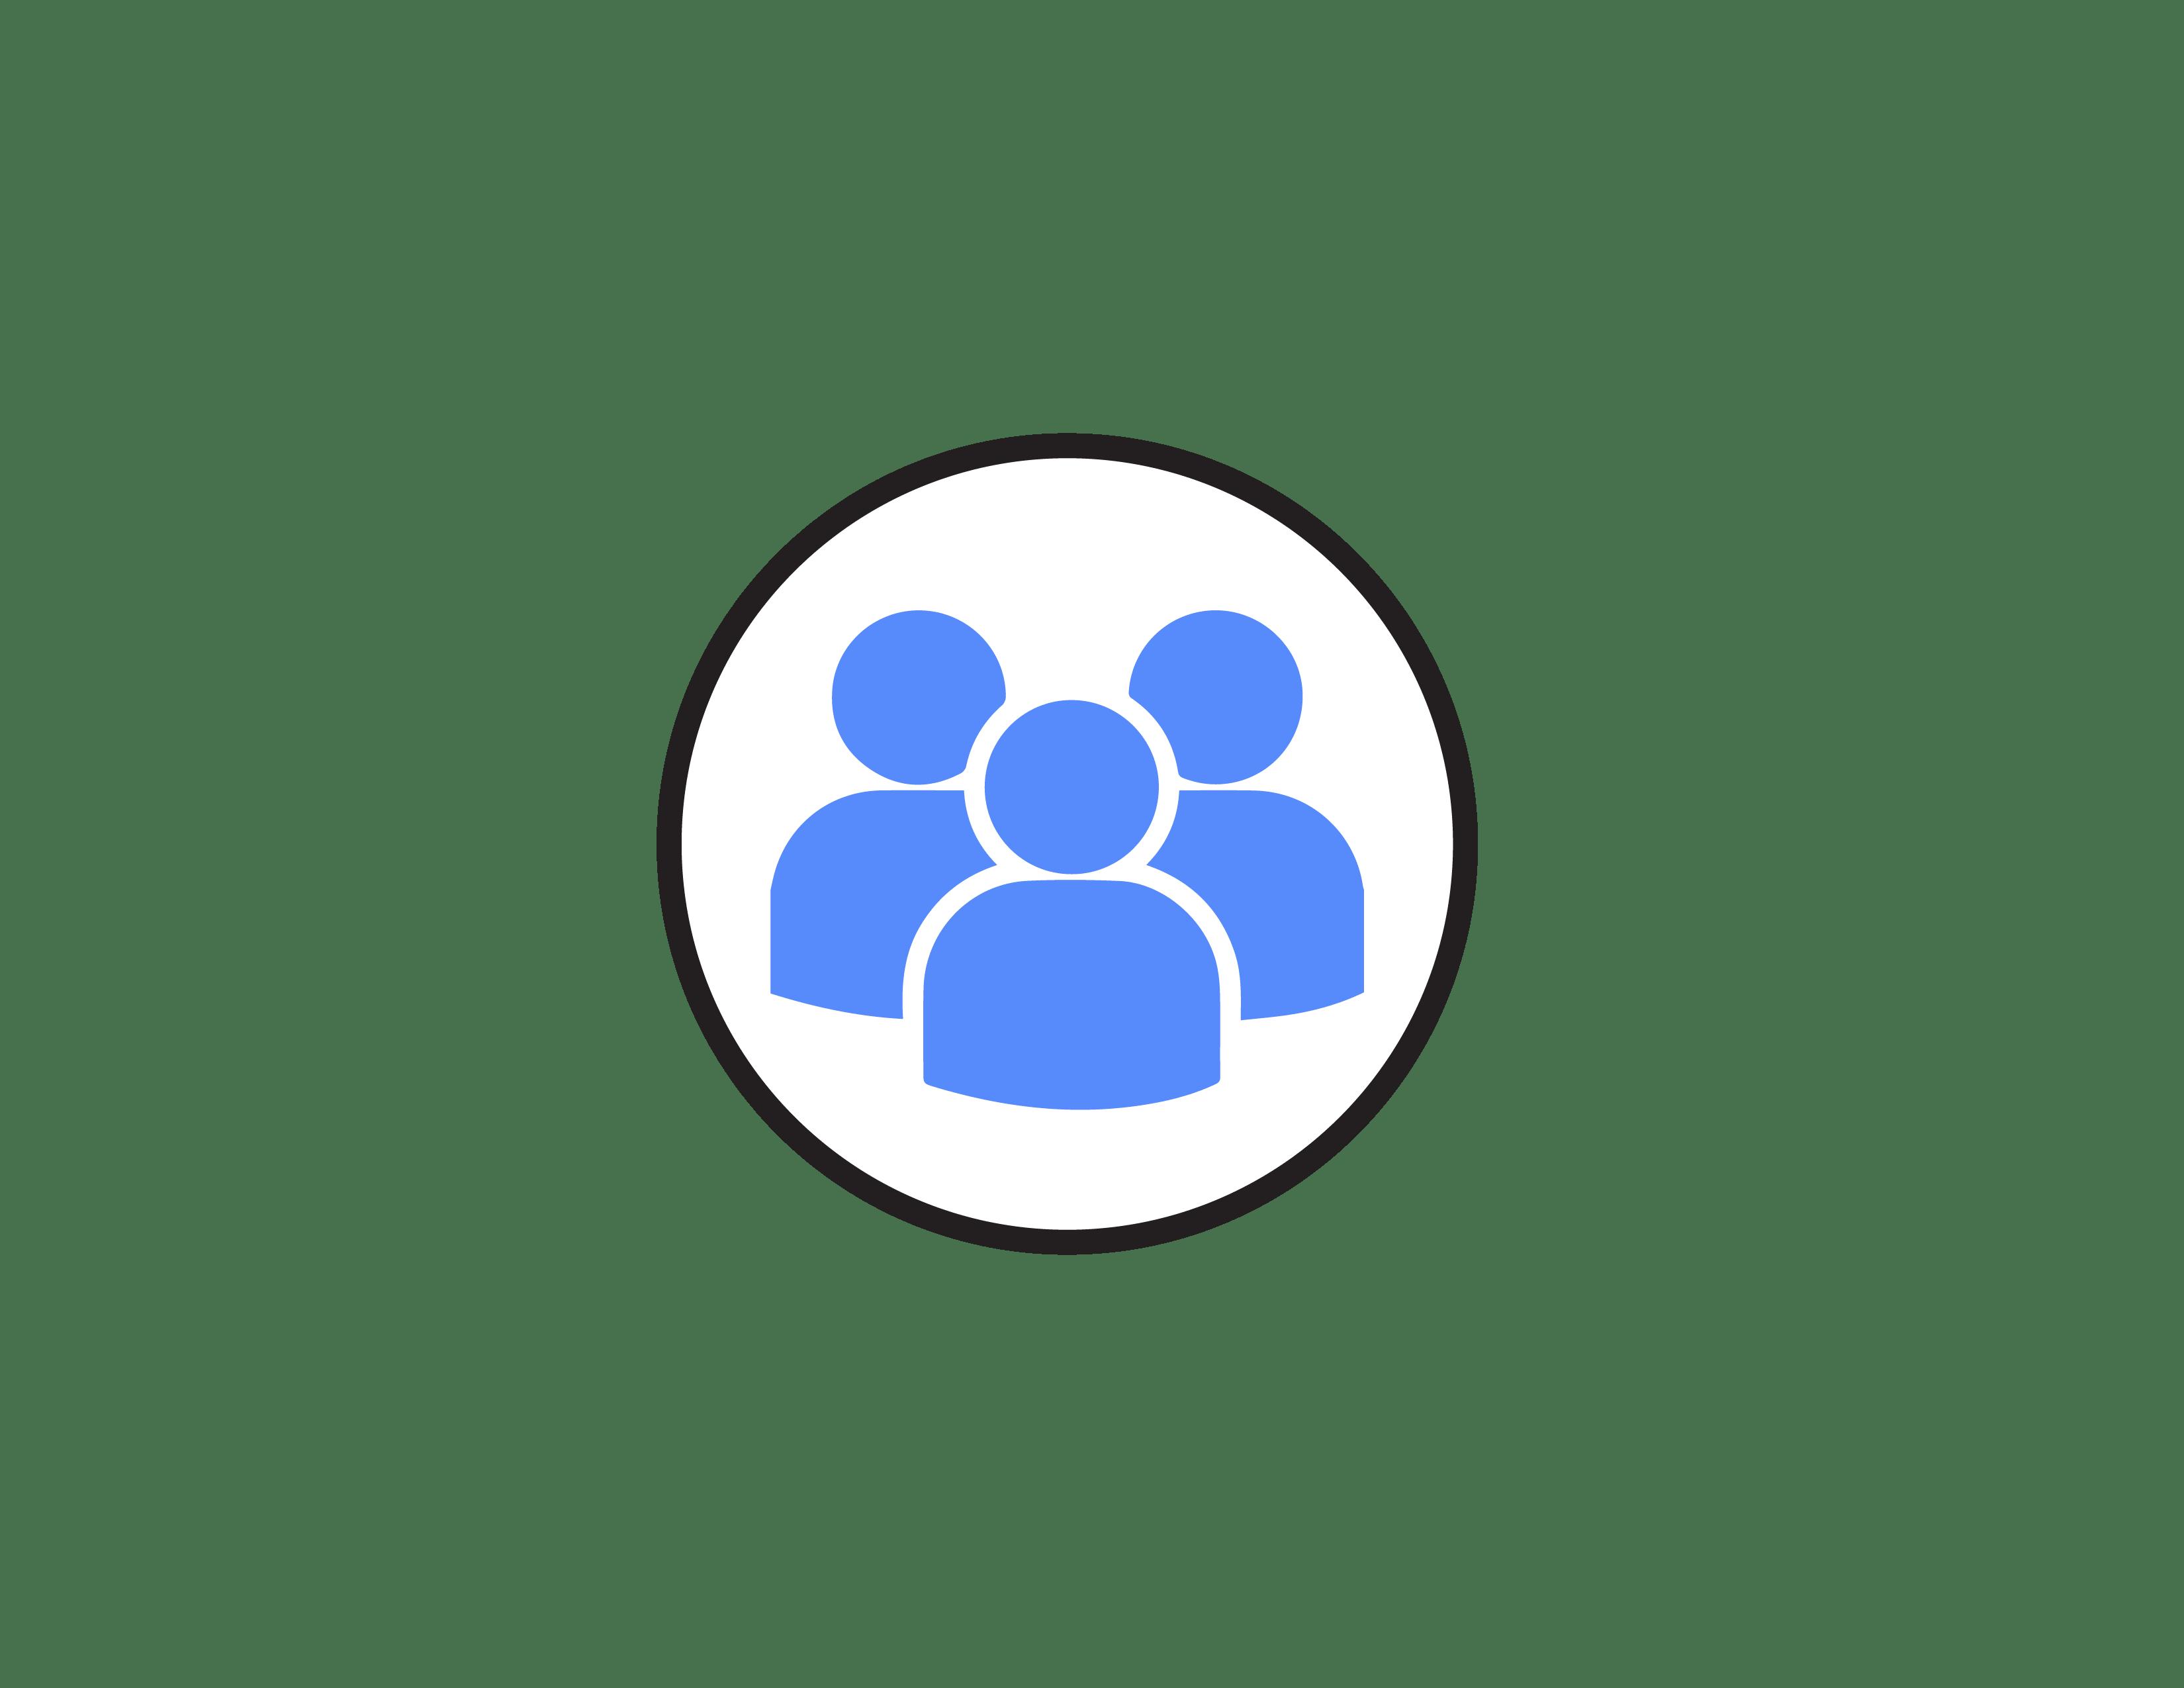 crm icon-01-min